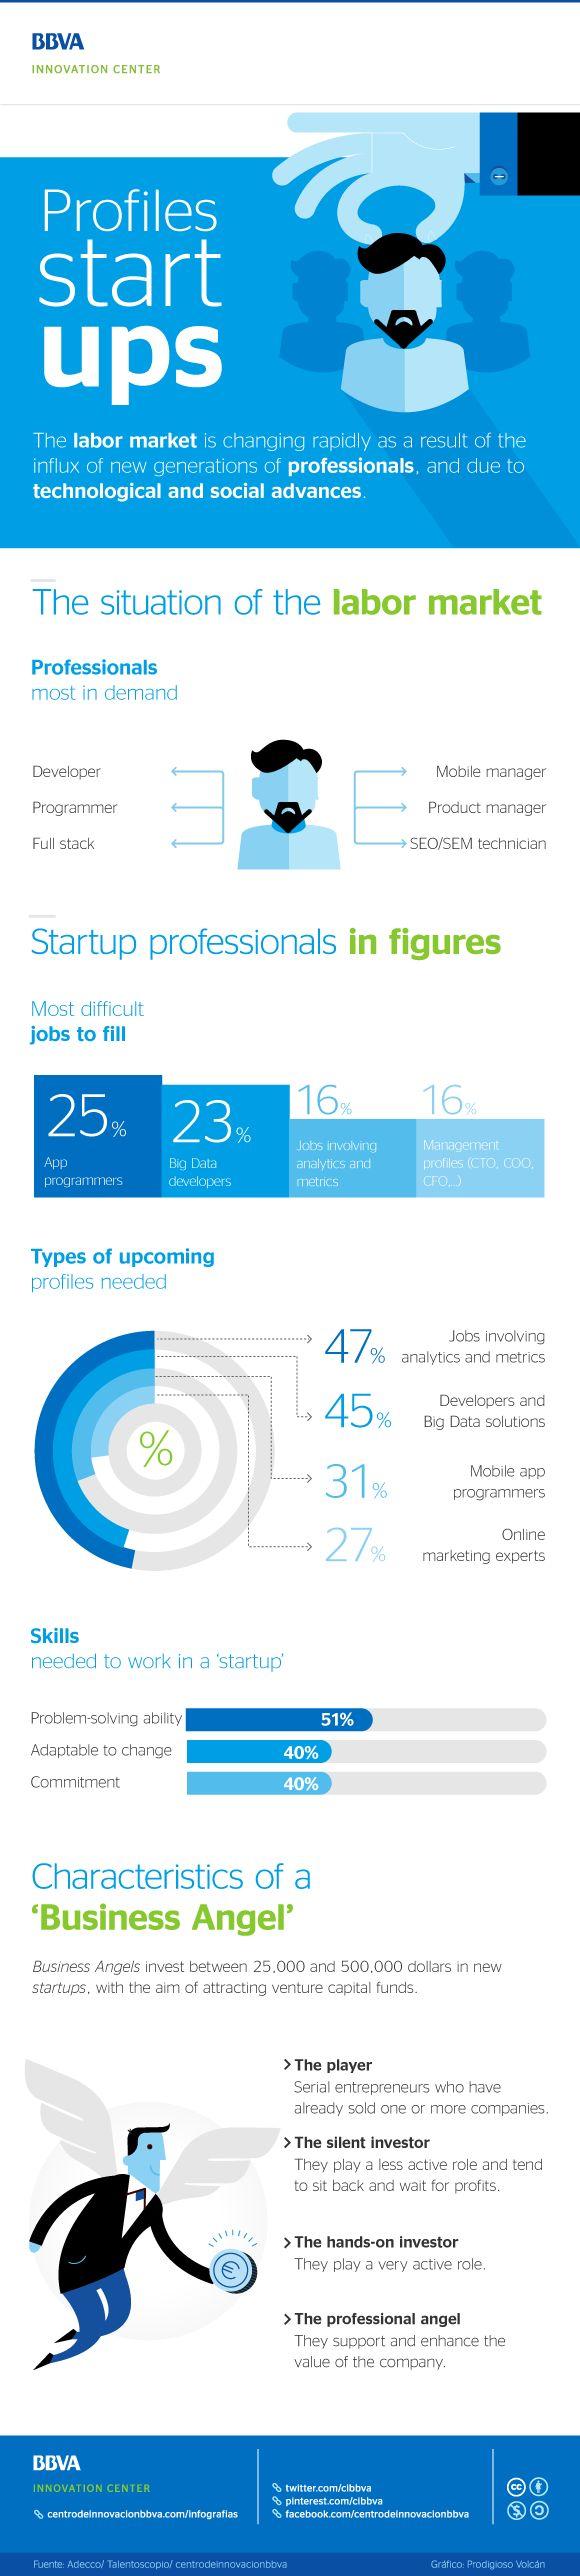 Profiles #startups. #Infographic #Entrepreneurs #Entrepreneurship #Technology #Innovation